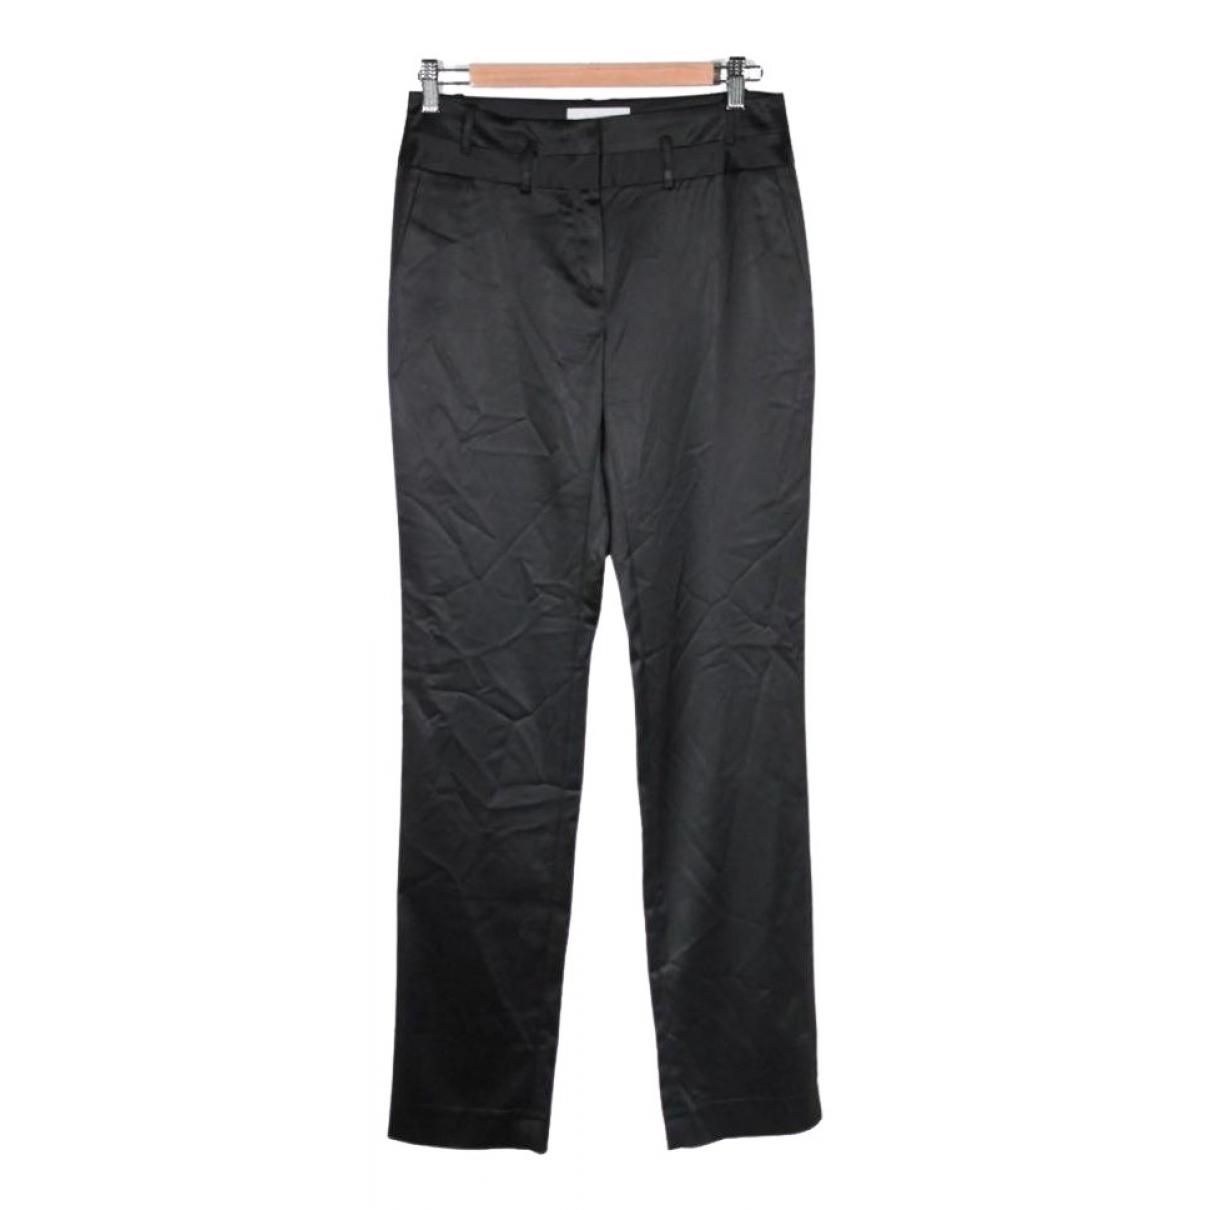 Pantalon en Sintetico Negro Cacharel